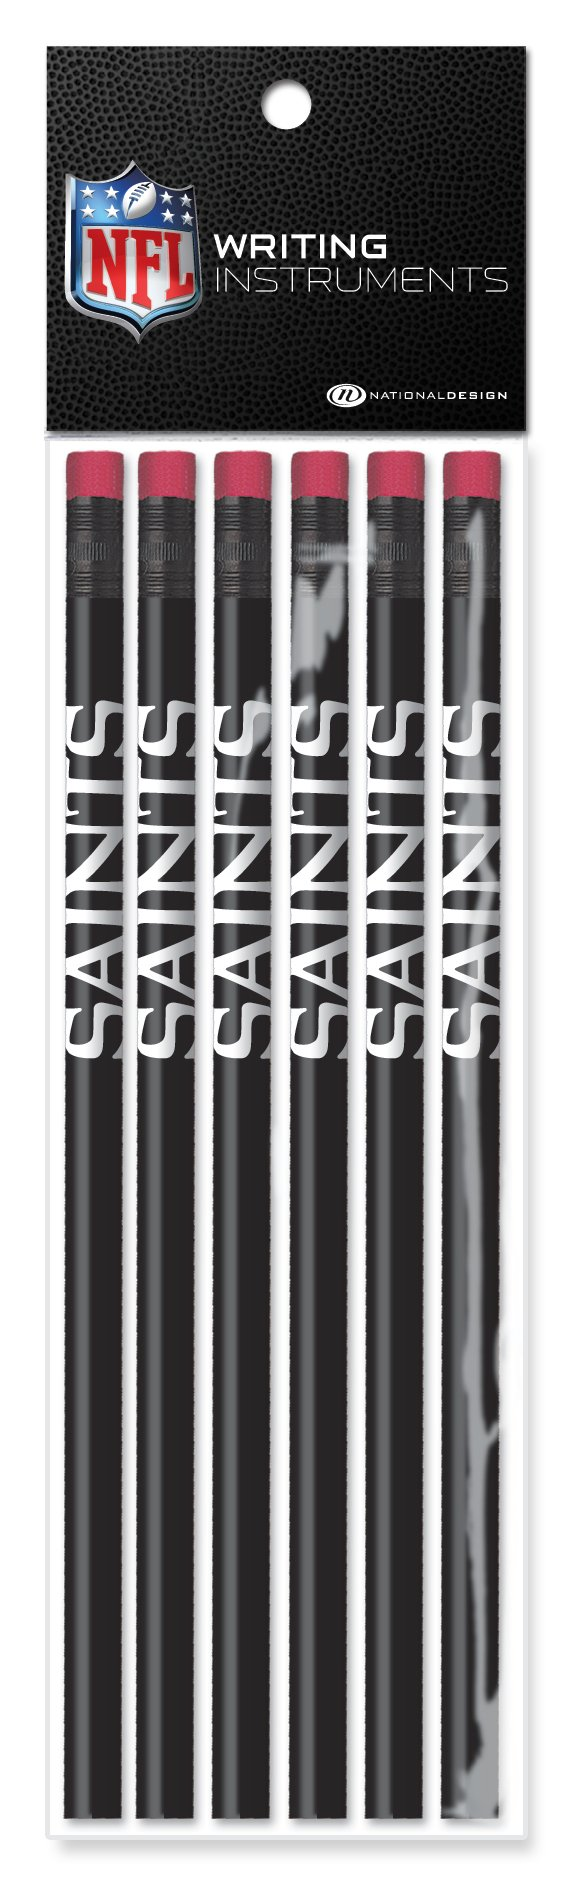 NFL New Orleans Saints Pencils (6 Pack), Black